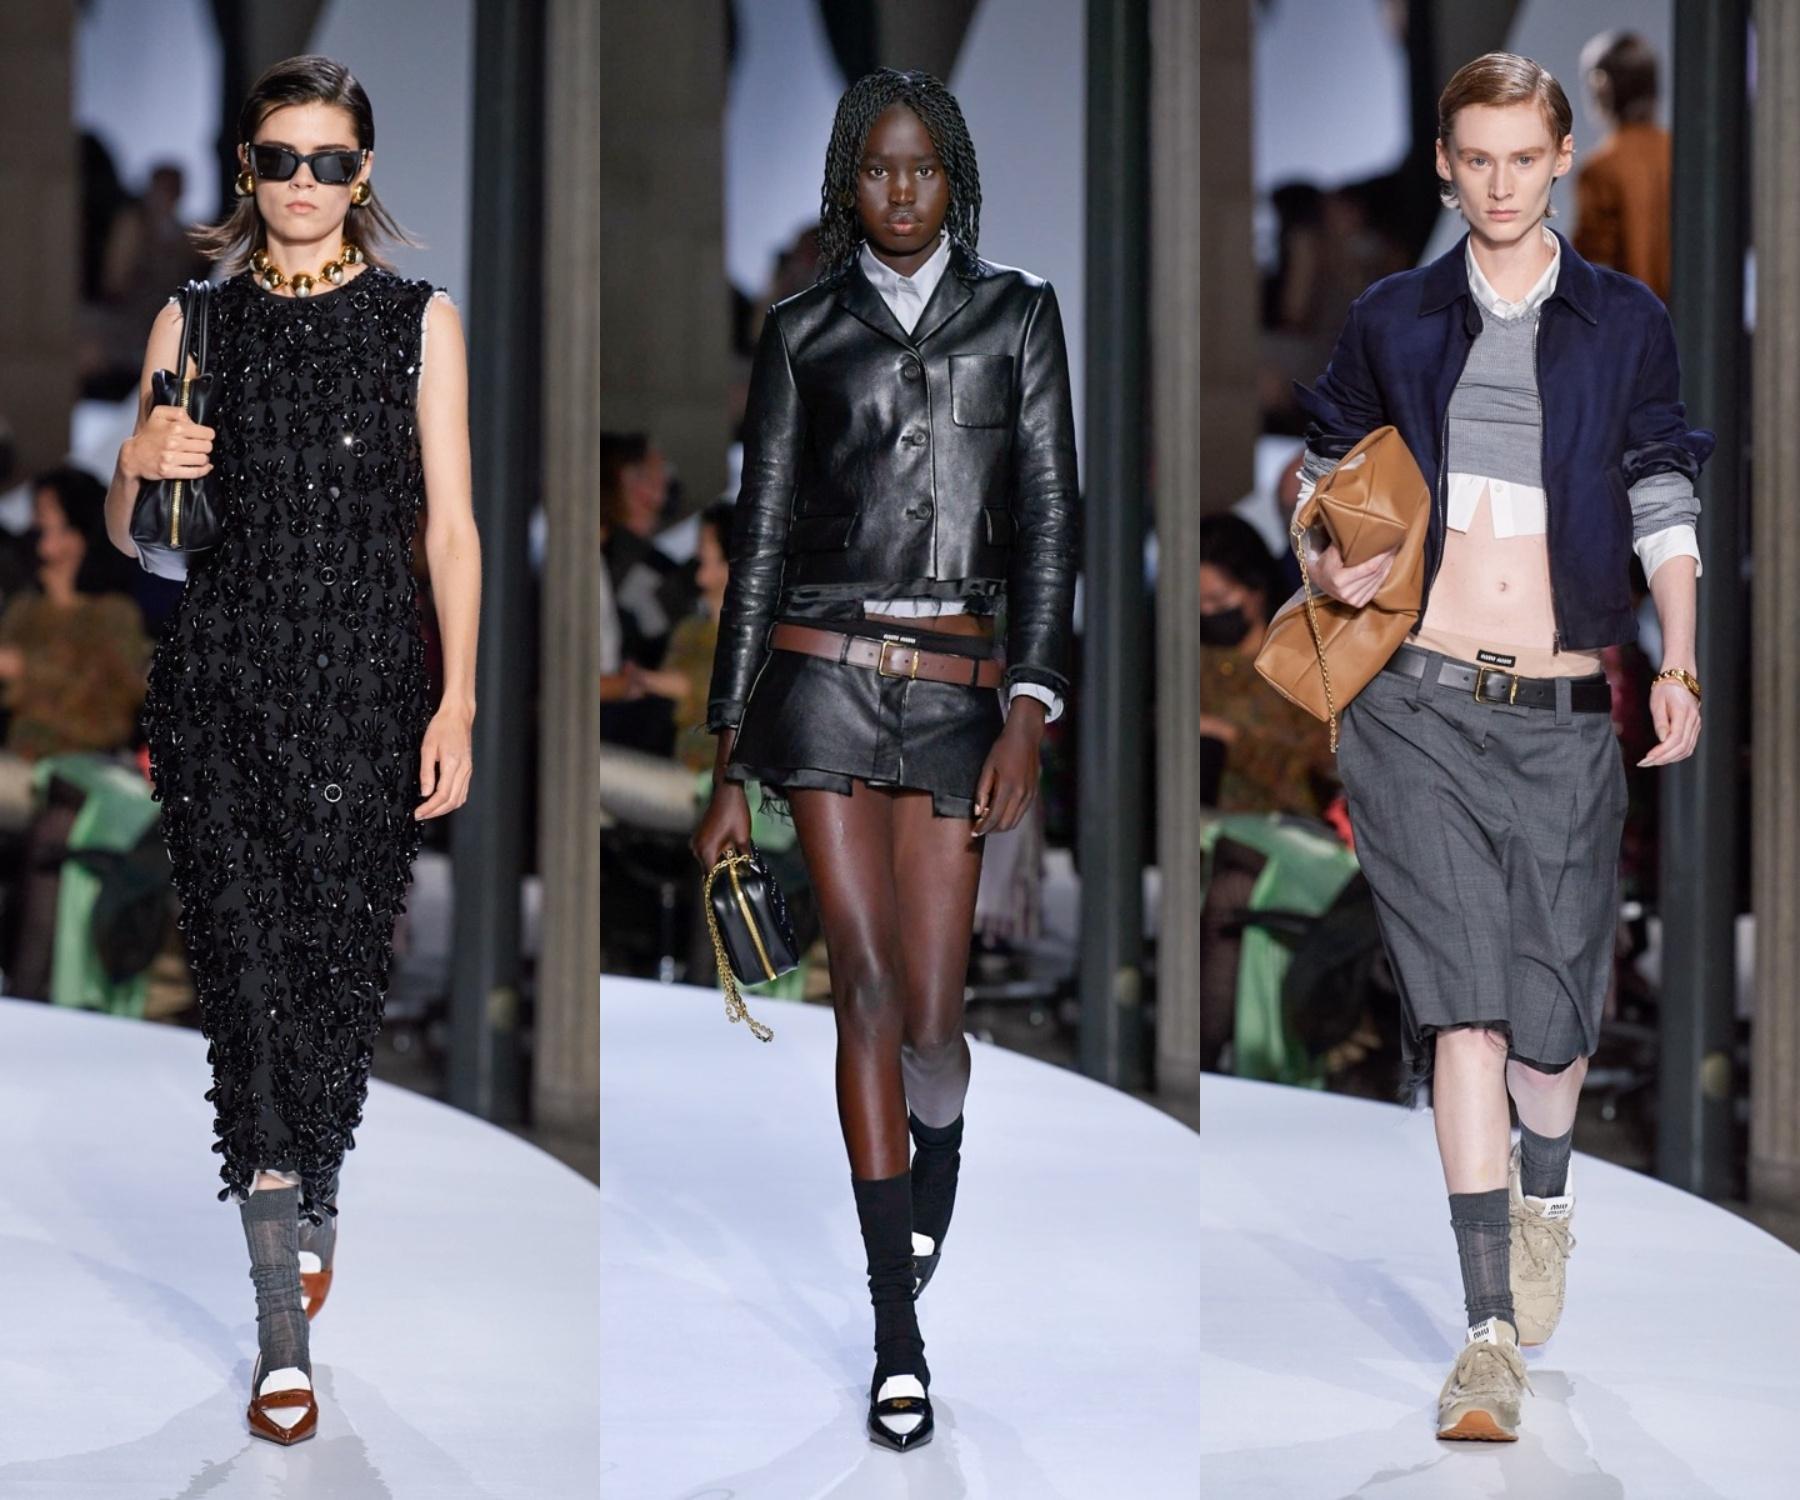 Неделя моды в Париже: подборка самых интересных коллекций — от Chanel до Balenciaga (ФОТО) - фото №4